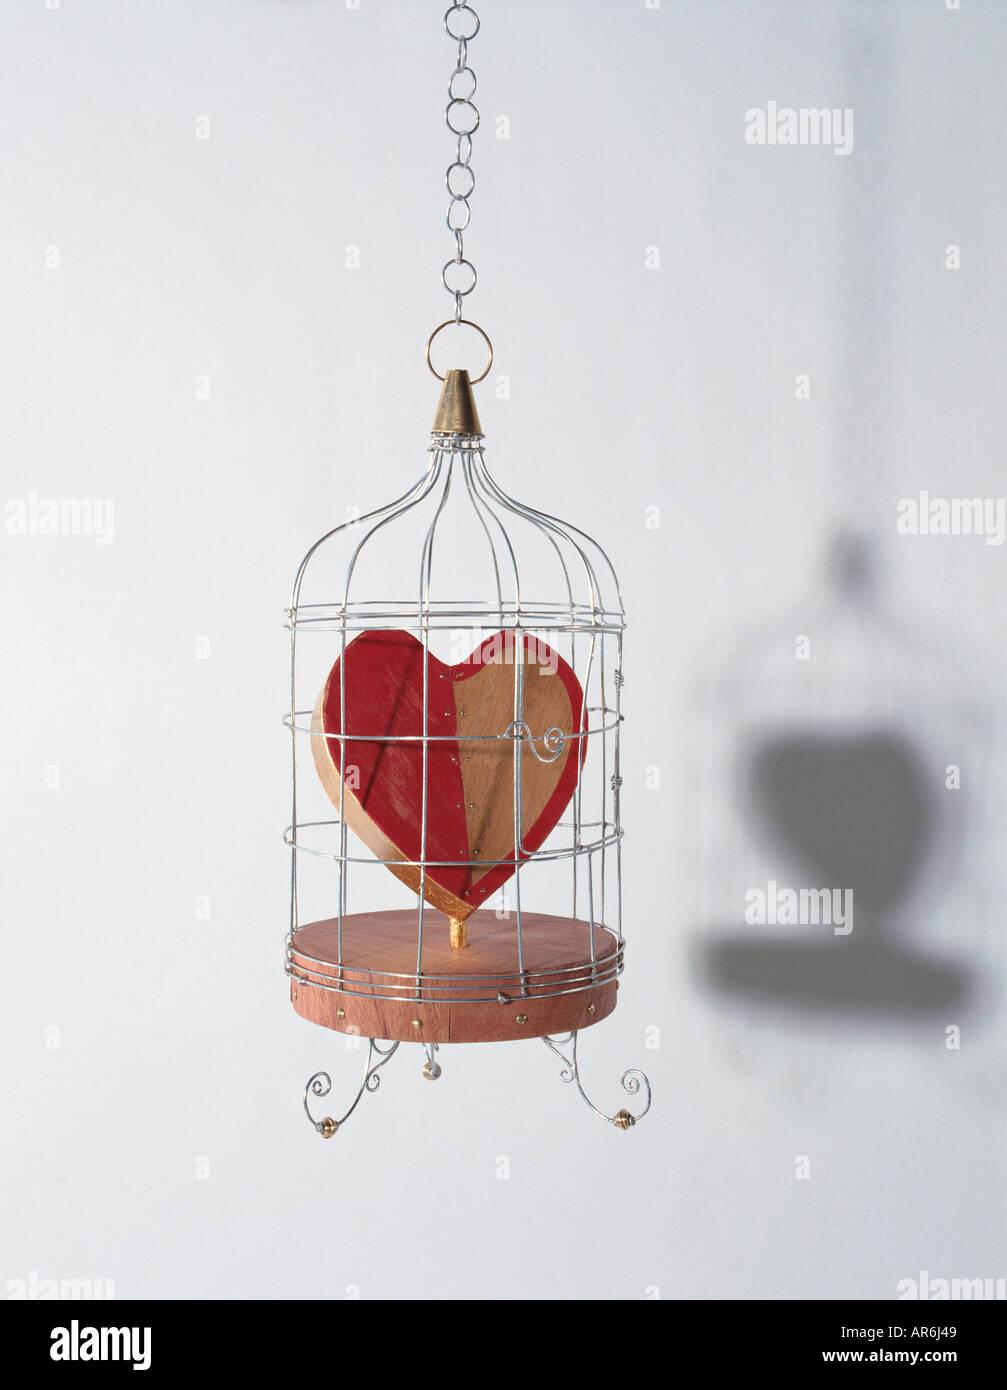 Amore in legno cuore appeso intrappolato in un metallo birdcage, cuore dipinte di rosso a metà, la solida base in legno Immagini Stock